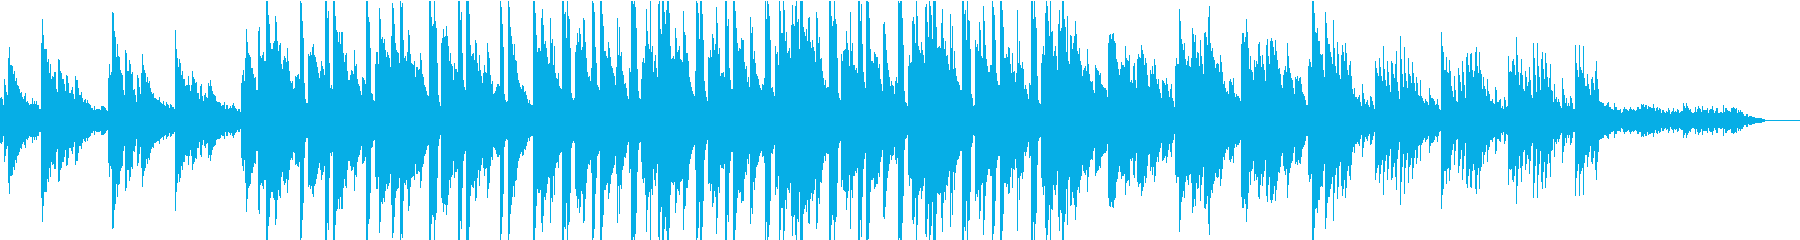 【Loop】憂鬱なChillHopの再生済みの波形